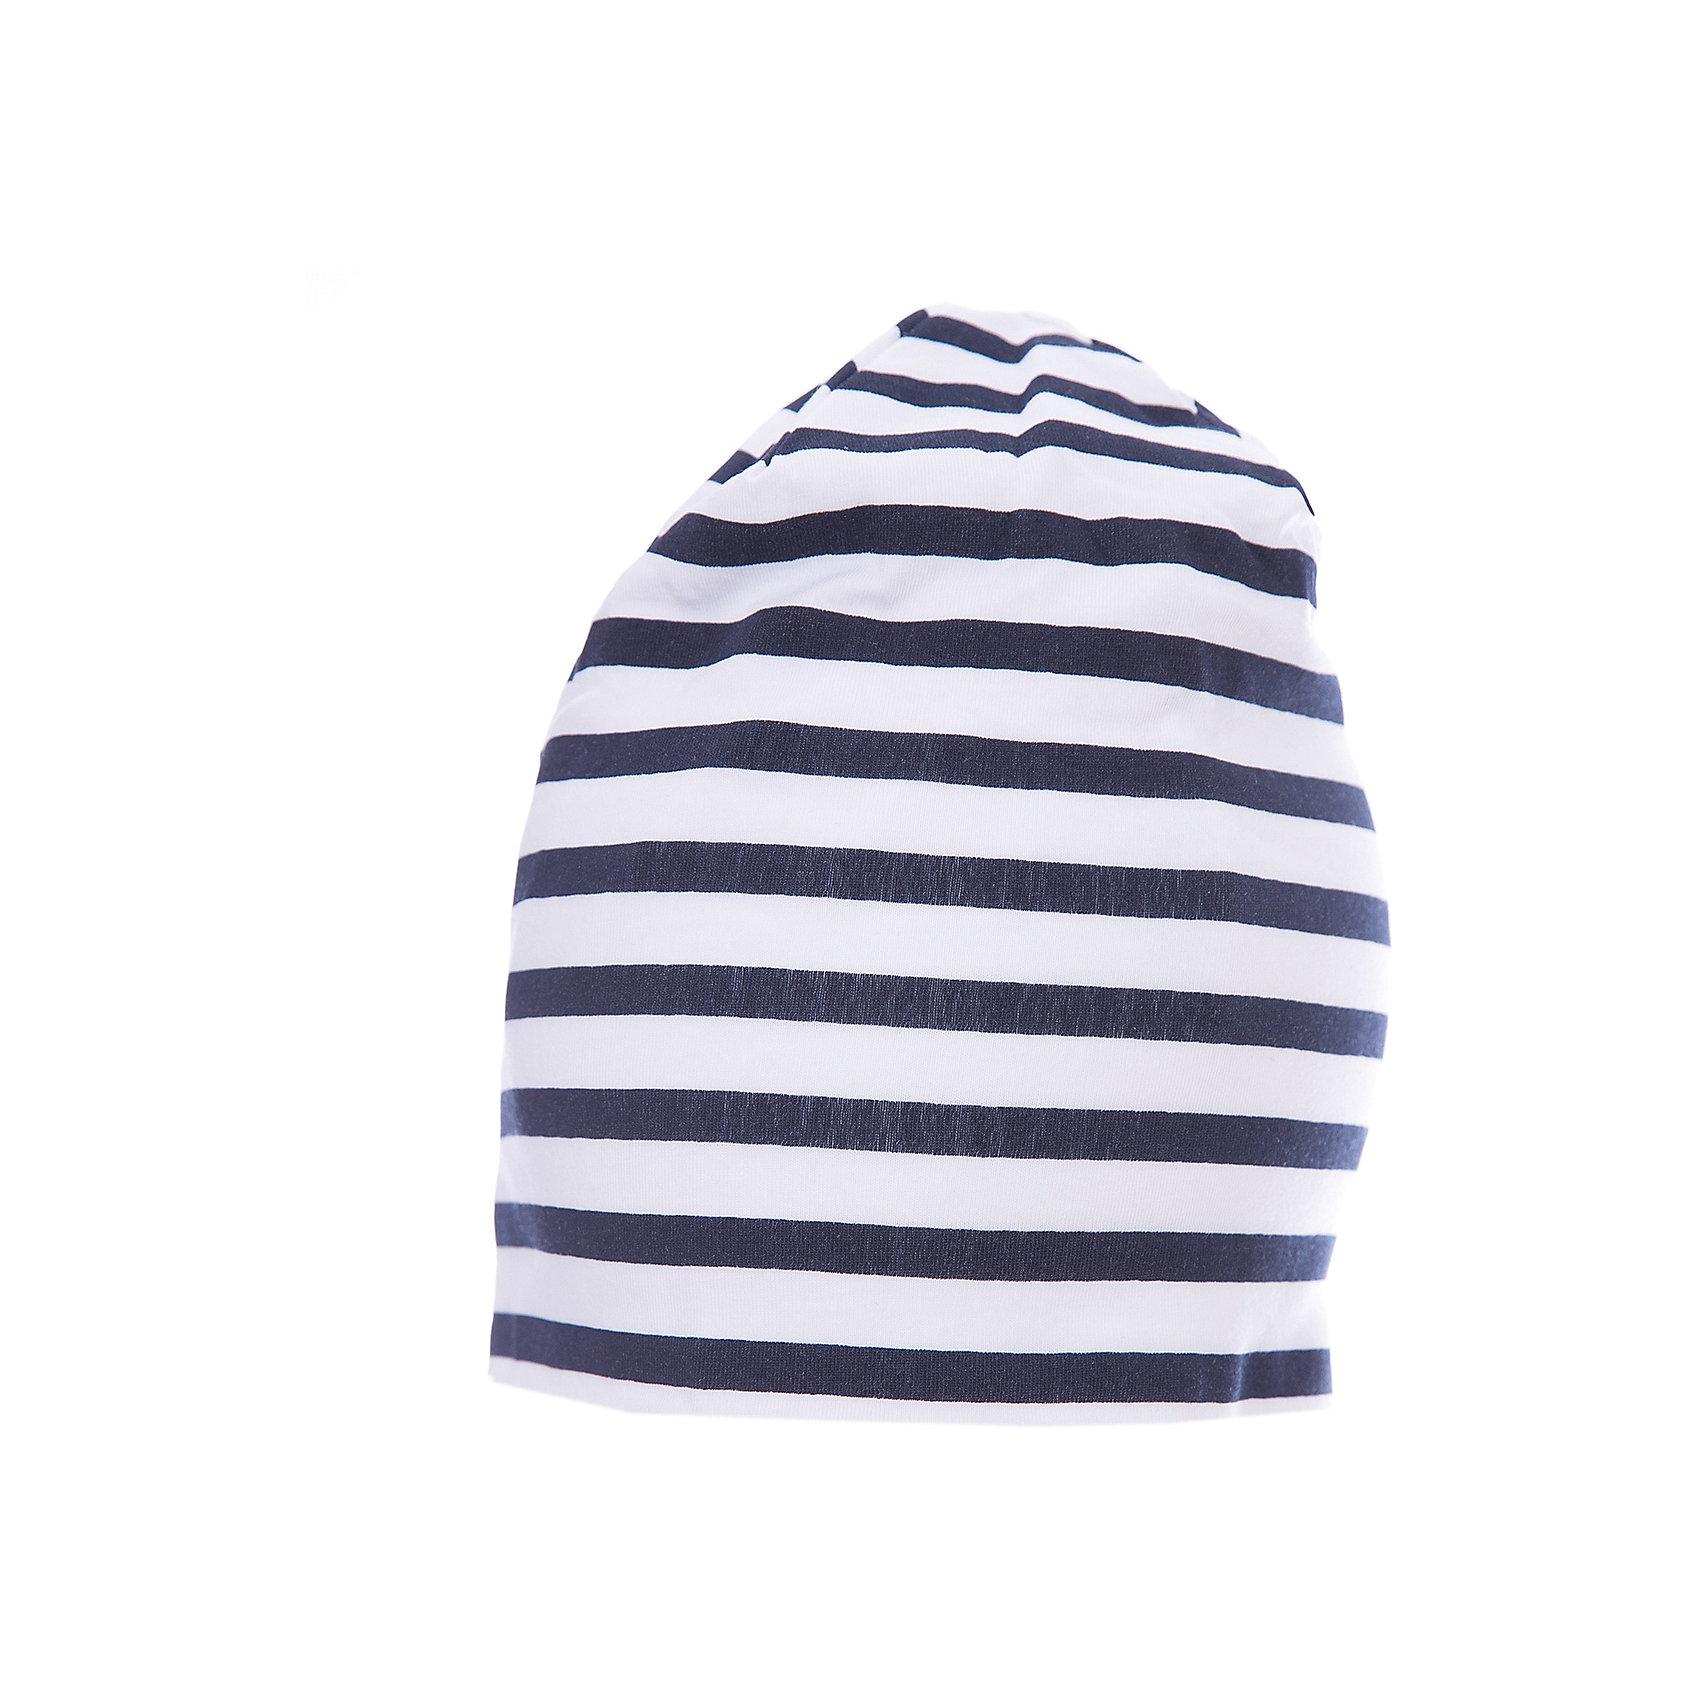 Шапка для мальчика GulliverГоловные уборы<br>Трикотажная шапка в полоску красиво завершит образ, сделав его новым, свежим, интересным. Если вы хотите сформировать комфортный и  позитивный весенне-летний гардероб юного модника, полосатая шапка с контрастным брендированным флажком - отличный выбор.<br>Состав:<br>95% хлопок      5% эластан<br><br>Ширина мм: 89<br>Глубина мм: 117<br>Высота мм: 44<br>Вес г: 155<br>Цвет: синий<br>Возраст от месяцев: 48<br>Возраст до месяцев: 60<br>Пол: Мужской<br>Возраст: Детский<br>Размер: 52,50<br>SKU: 5483940